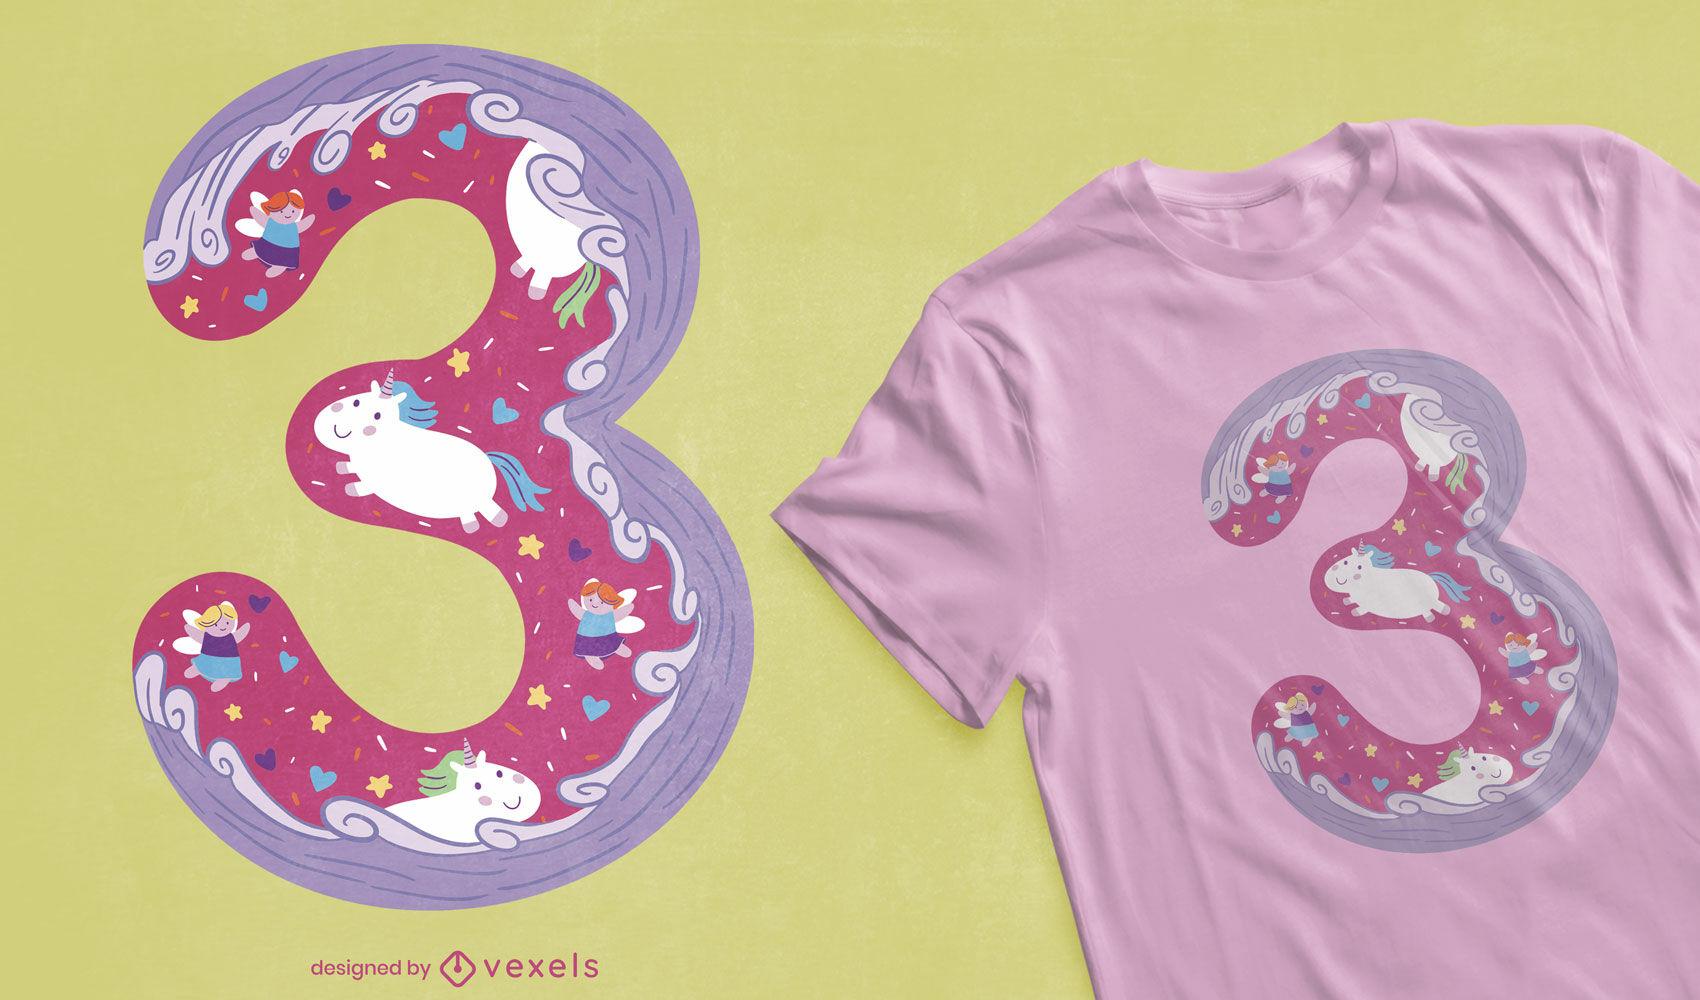 Number three girly t-shirt design